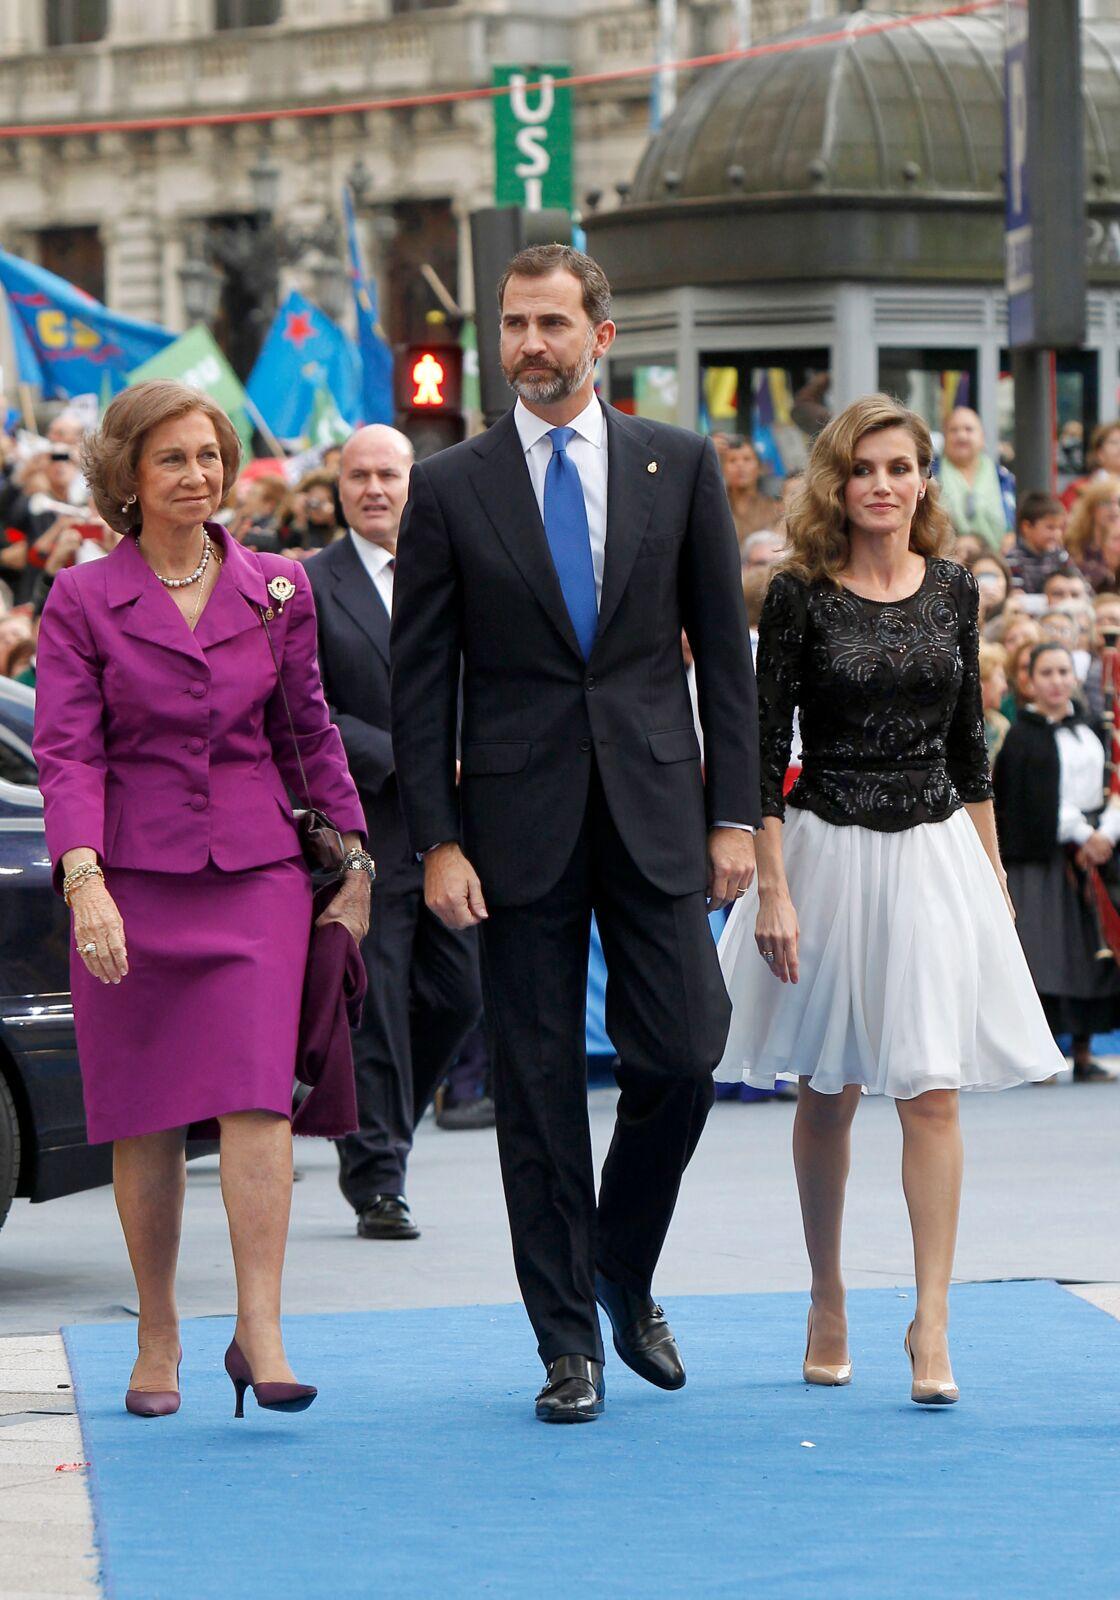 Sofia d'Espagne au côté de son fils Felipe et de sa belle-fille Letizia pour la remise du prix Prince des Asturies, en 2012. L'homme qui concentre désormais ses espoirs, c'est bien son fils.